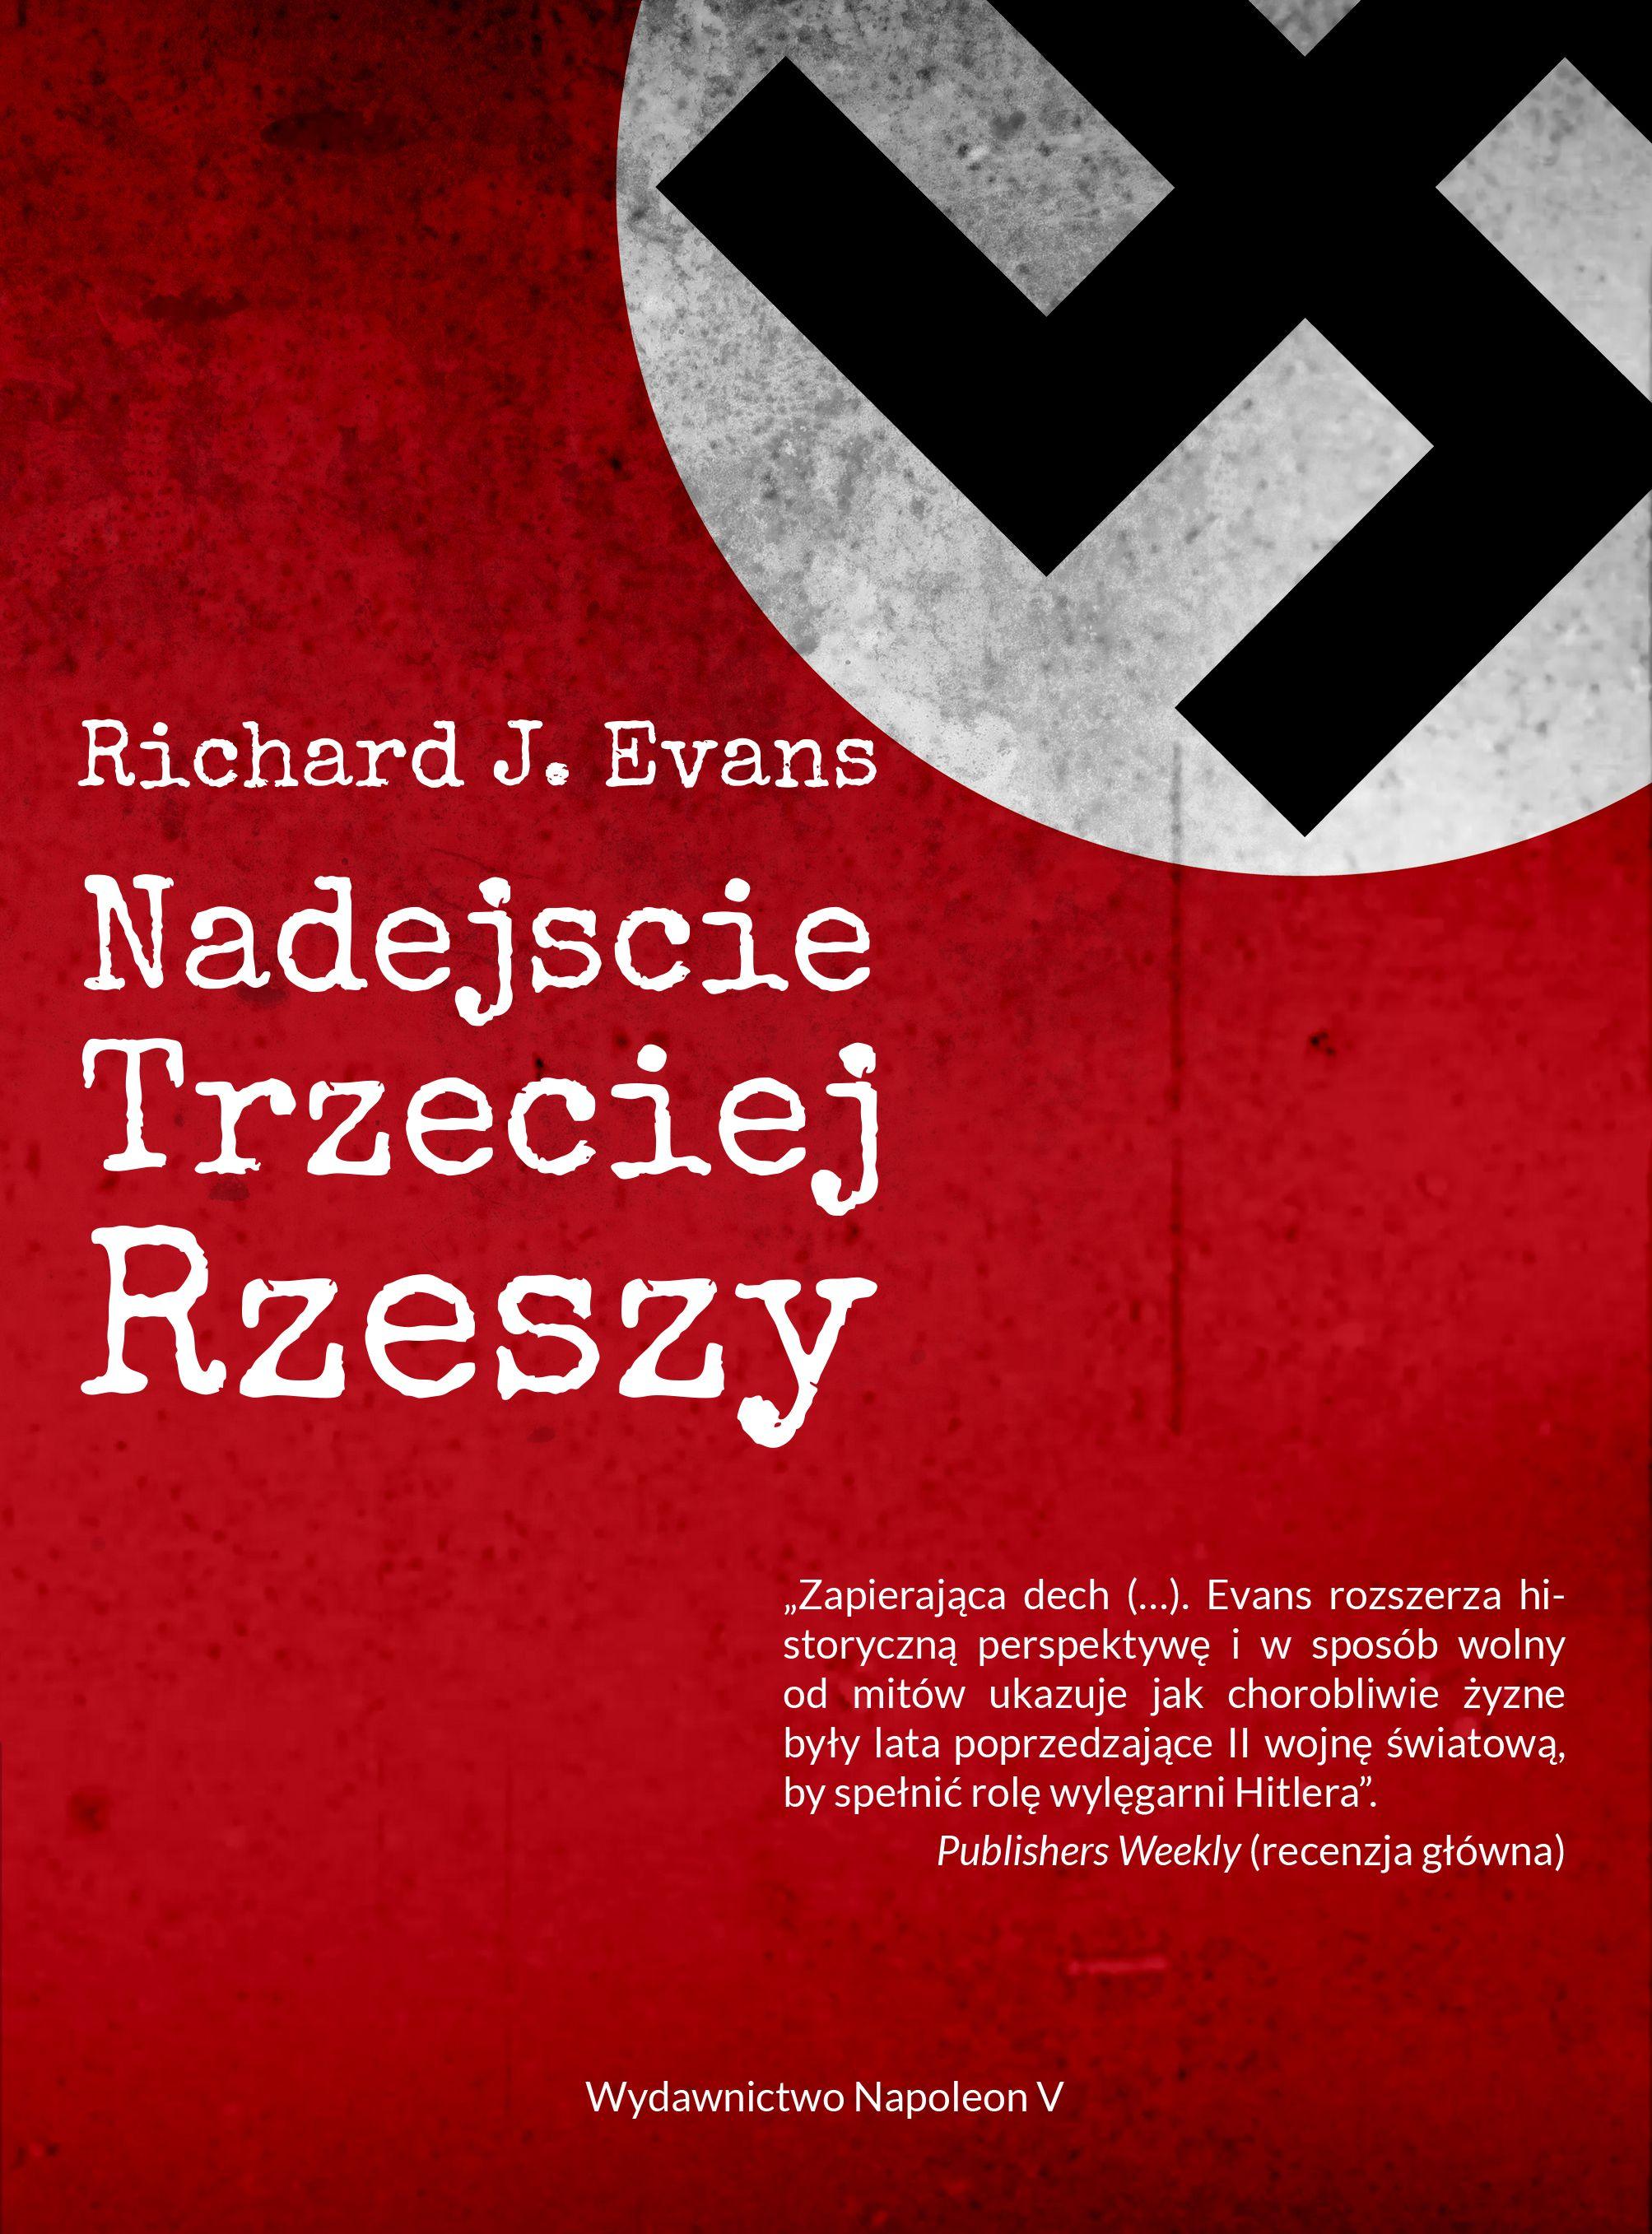 """Artykuł powstał między innymi na podstawie książki Richarda J. Evansa pod tytułem """"Nadejście Trzeciej Rzeszy"""" (Wydawnictwo Napoleon V 2017)."""